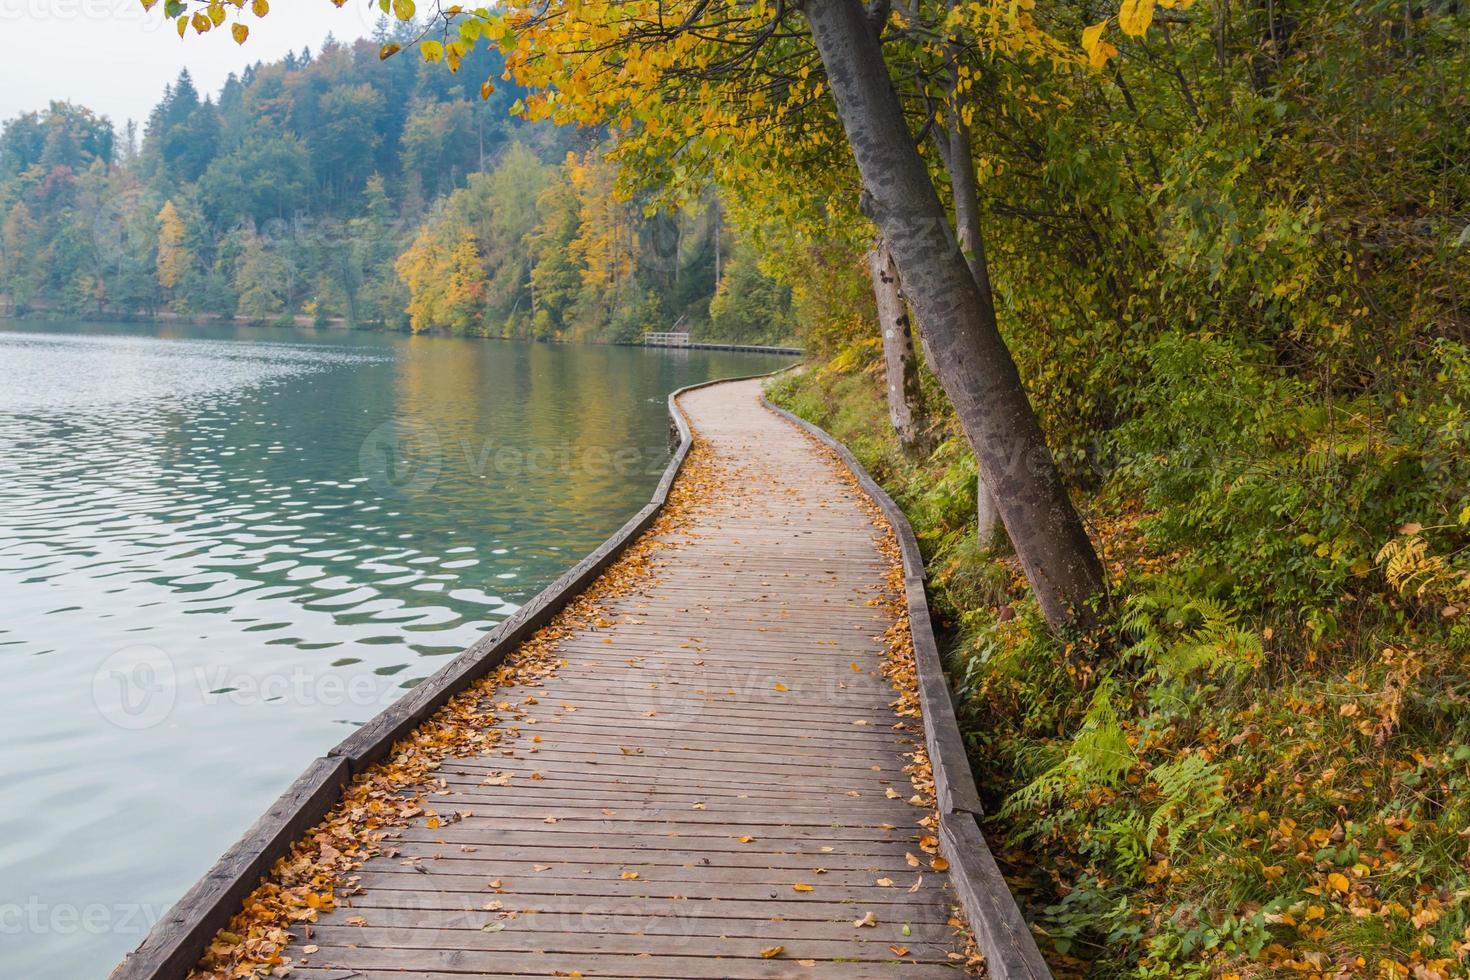 passerelle au bord du lac. photo